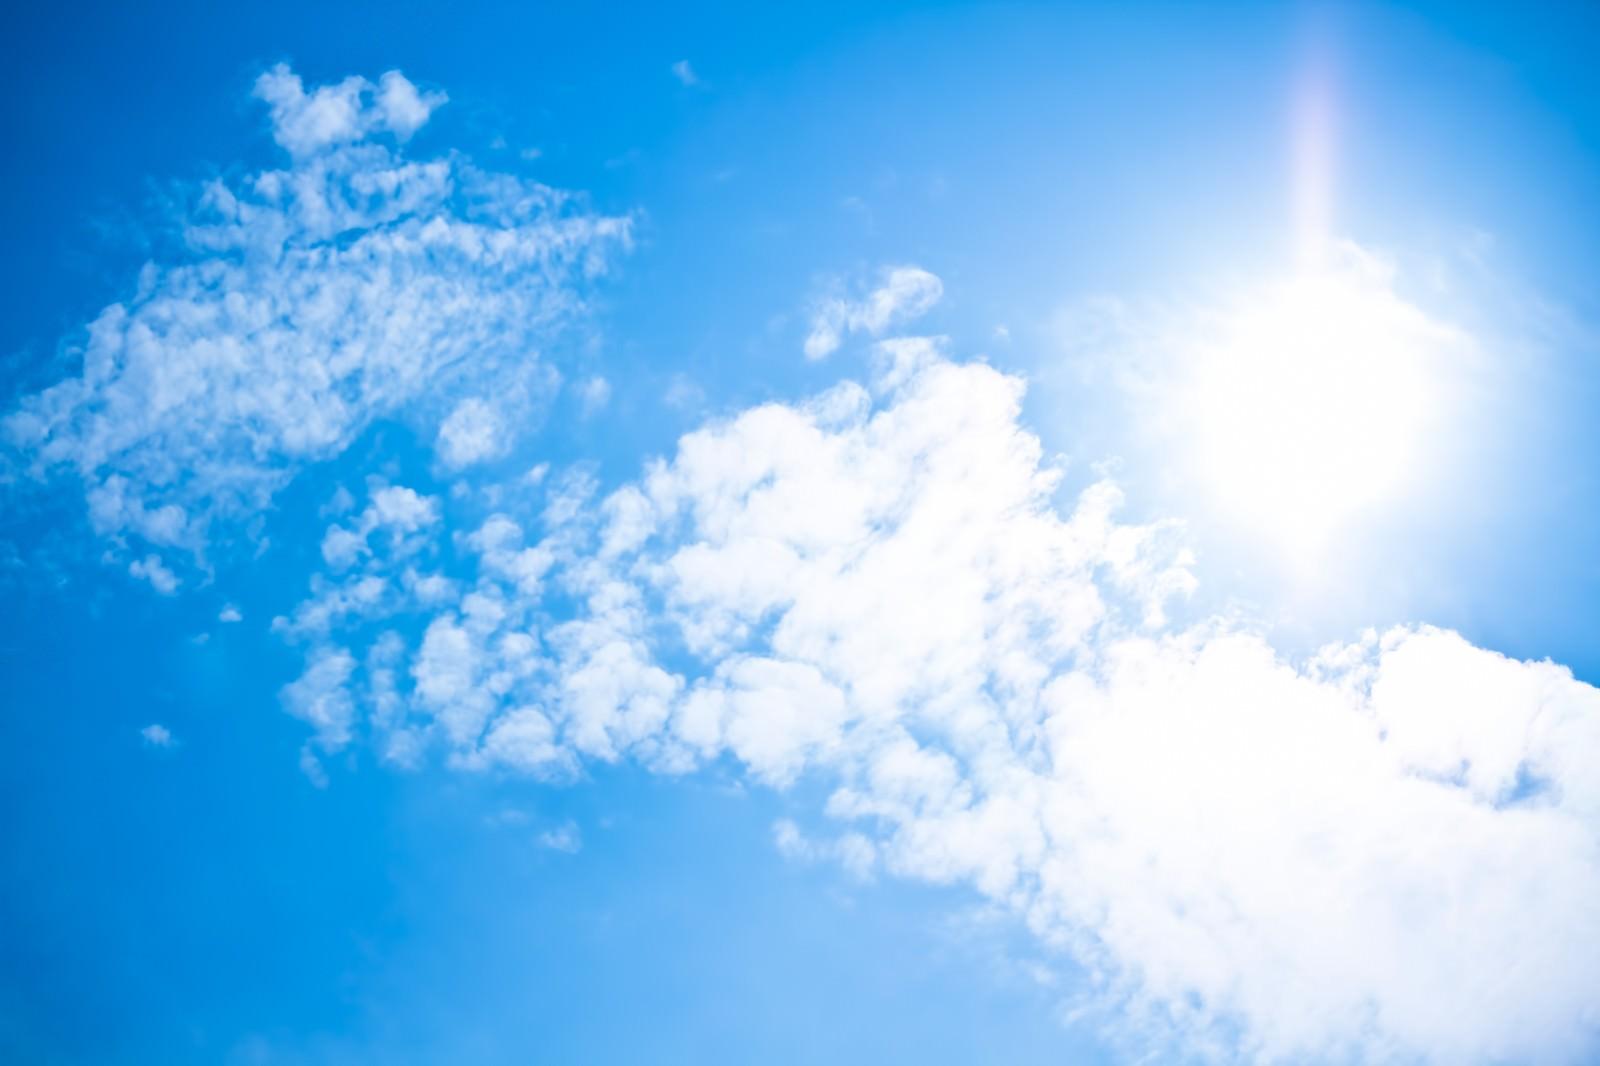 「真夏日の日差しと青空」の写真